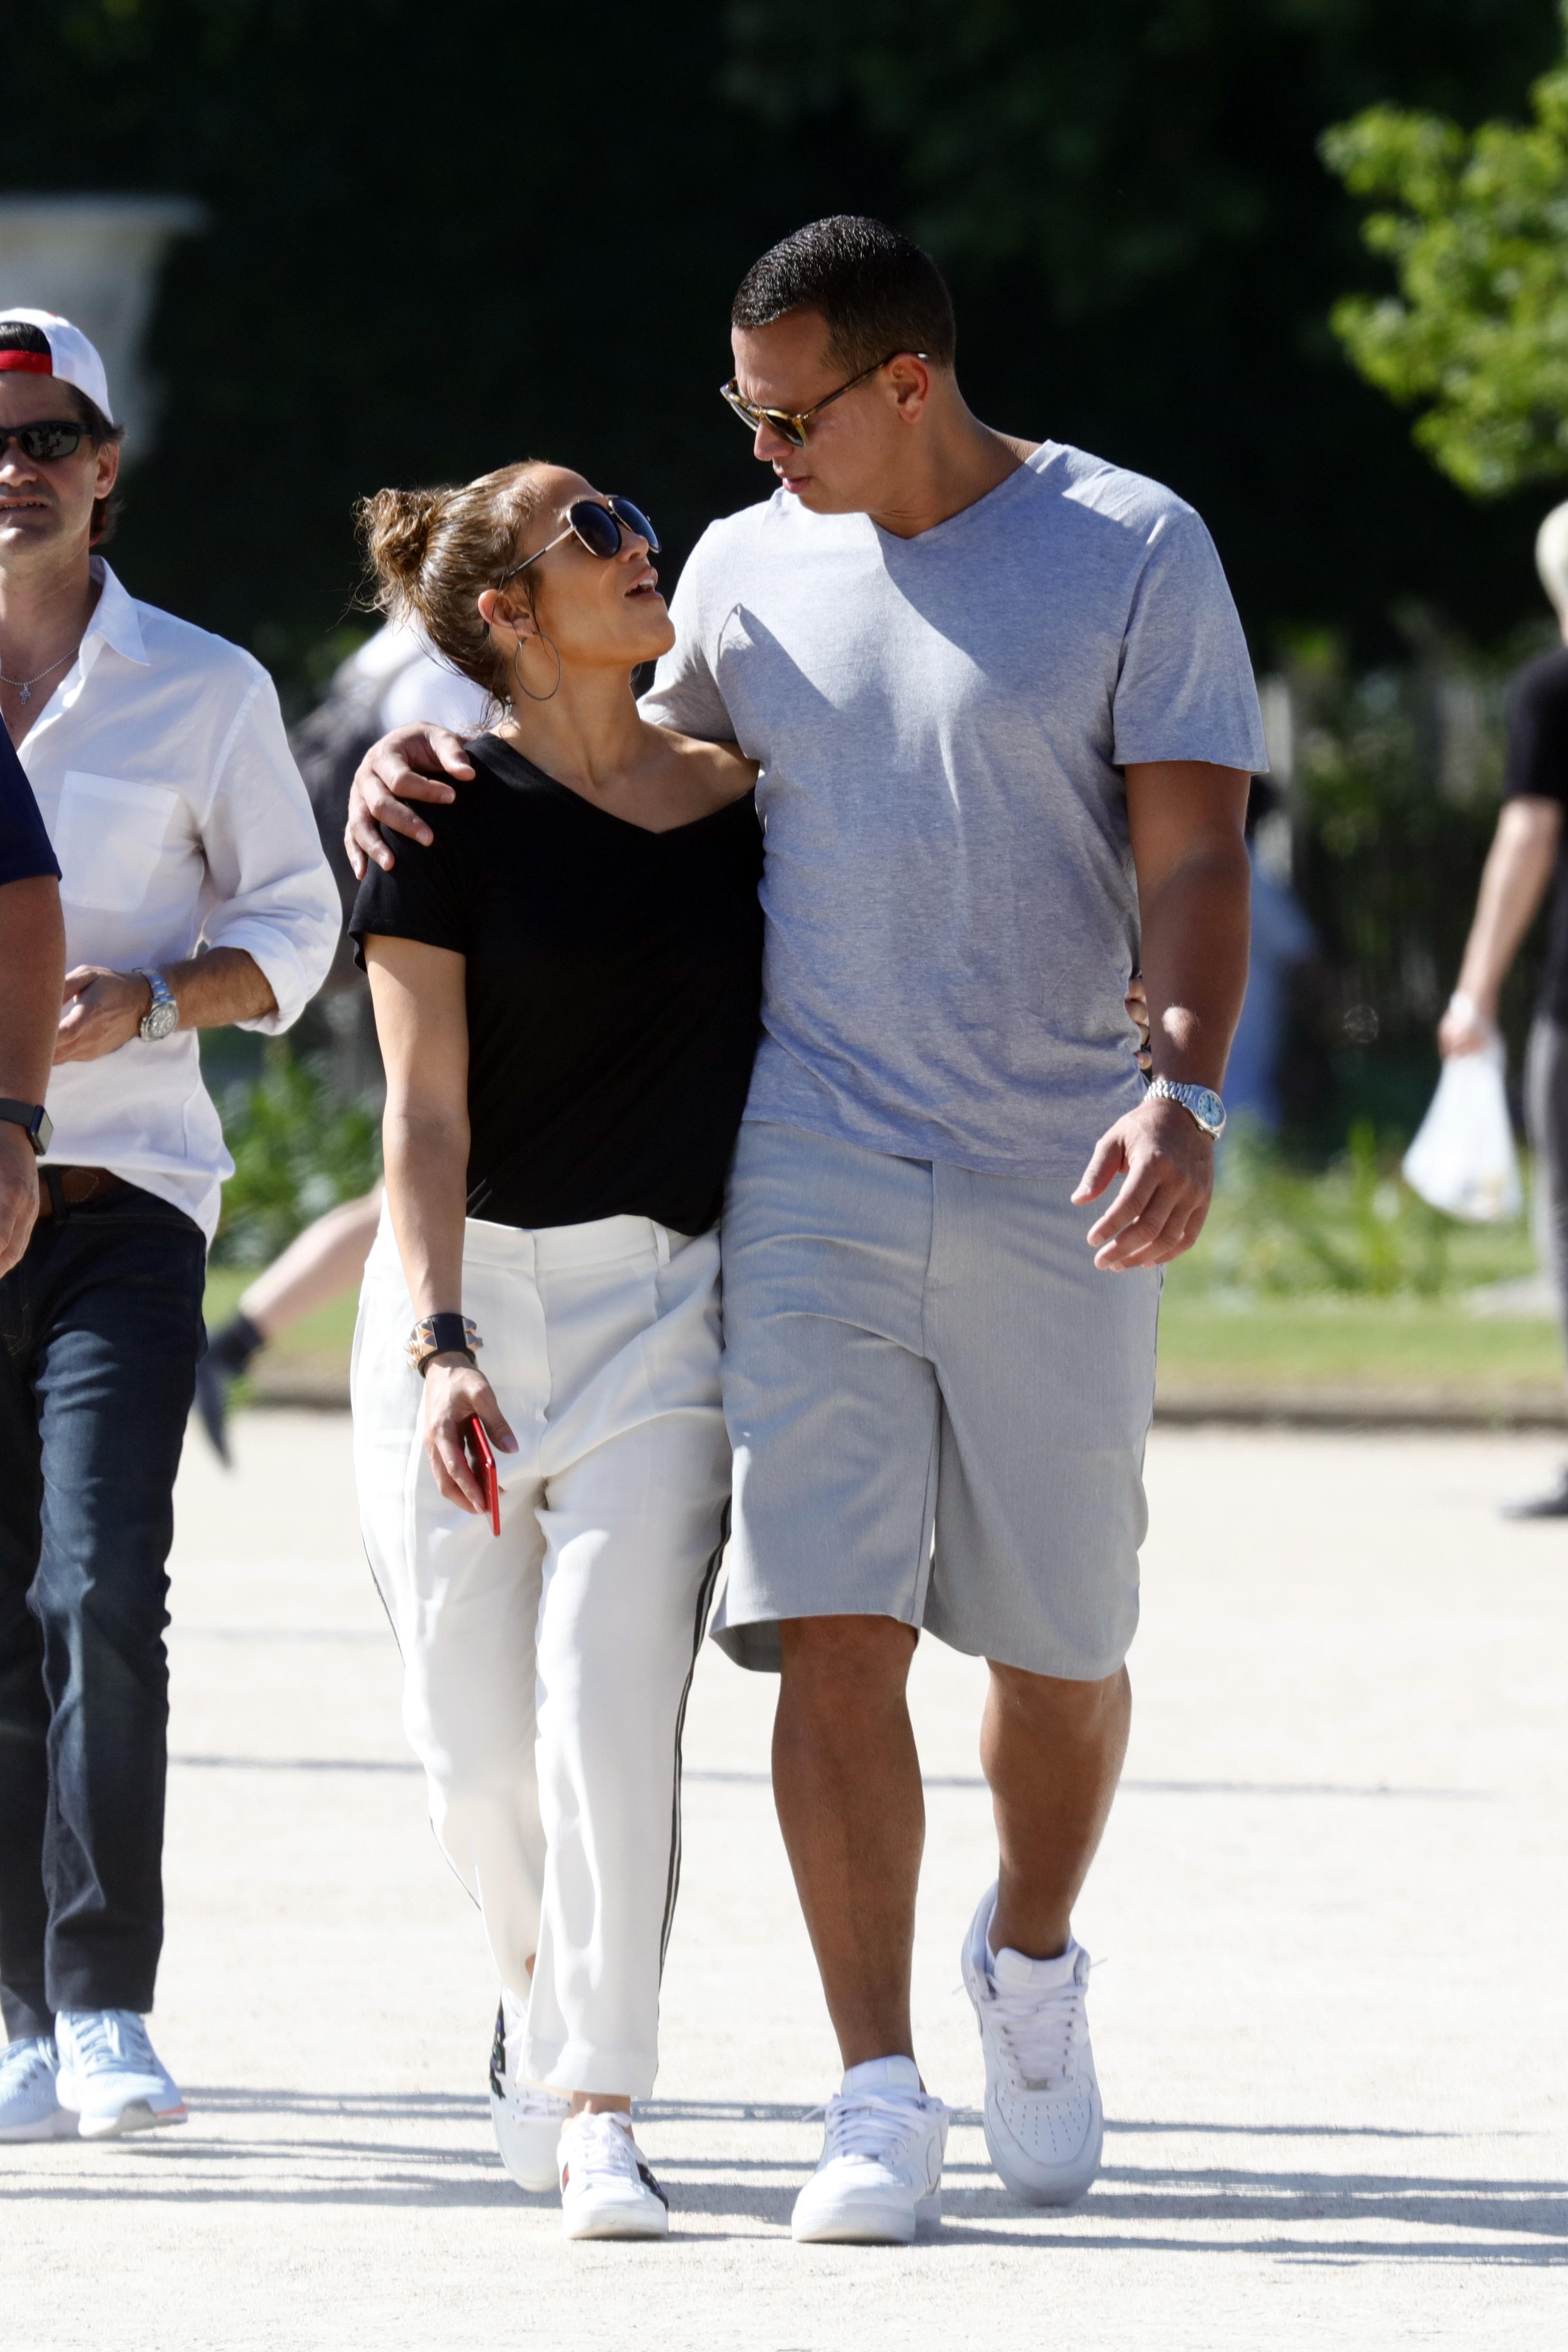 Jennifer Lopez and Alex Rodriguez walk through Paris on June 18, 2017.